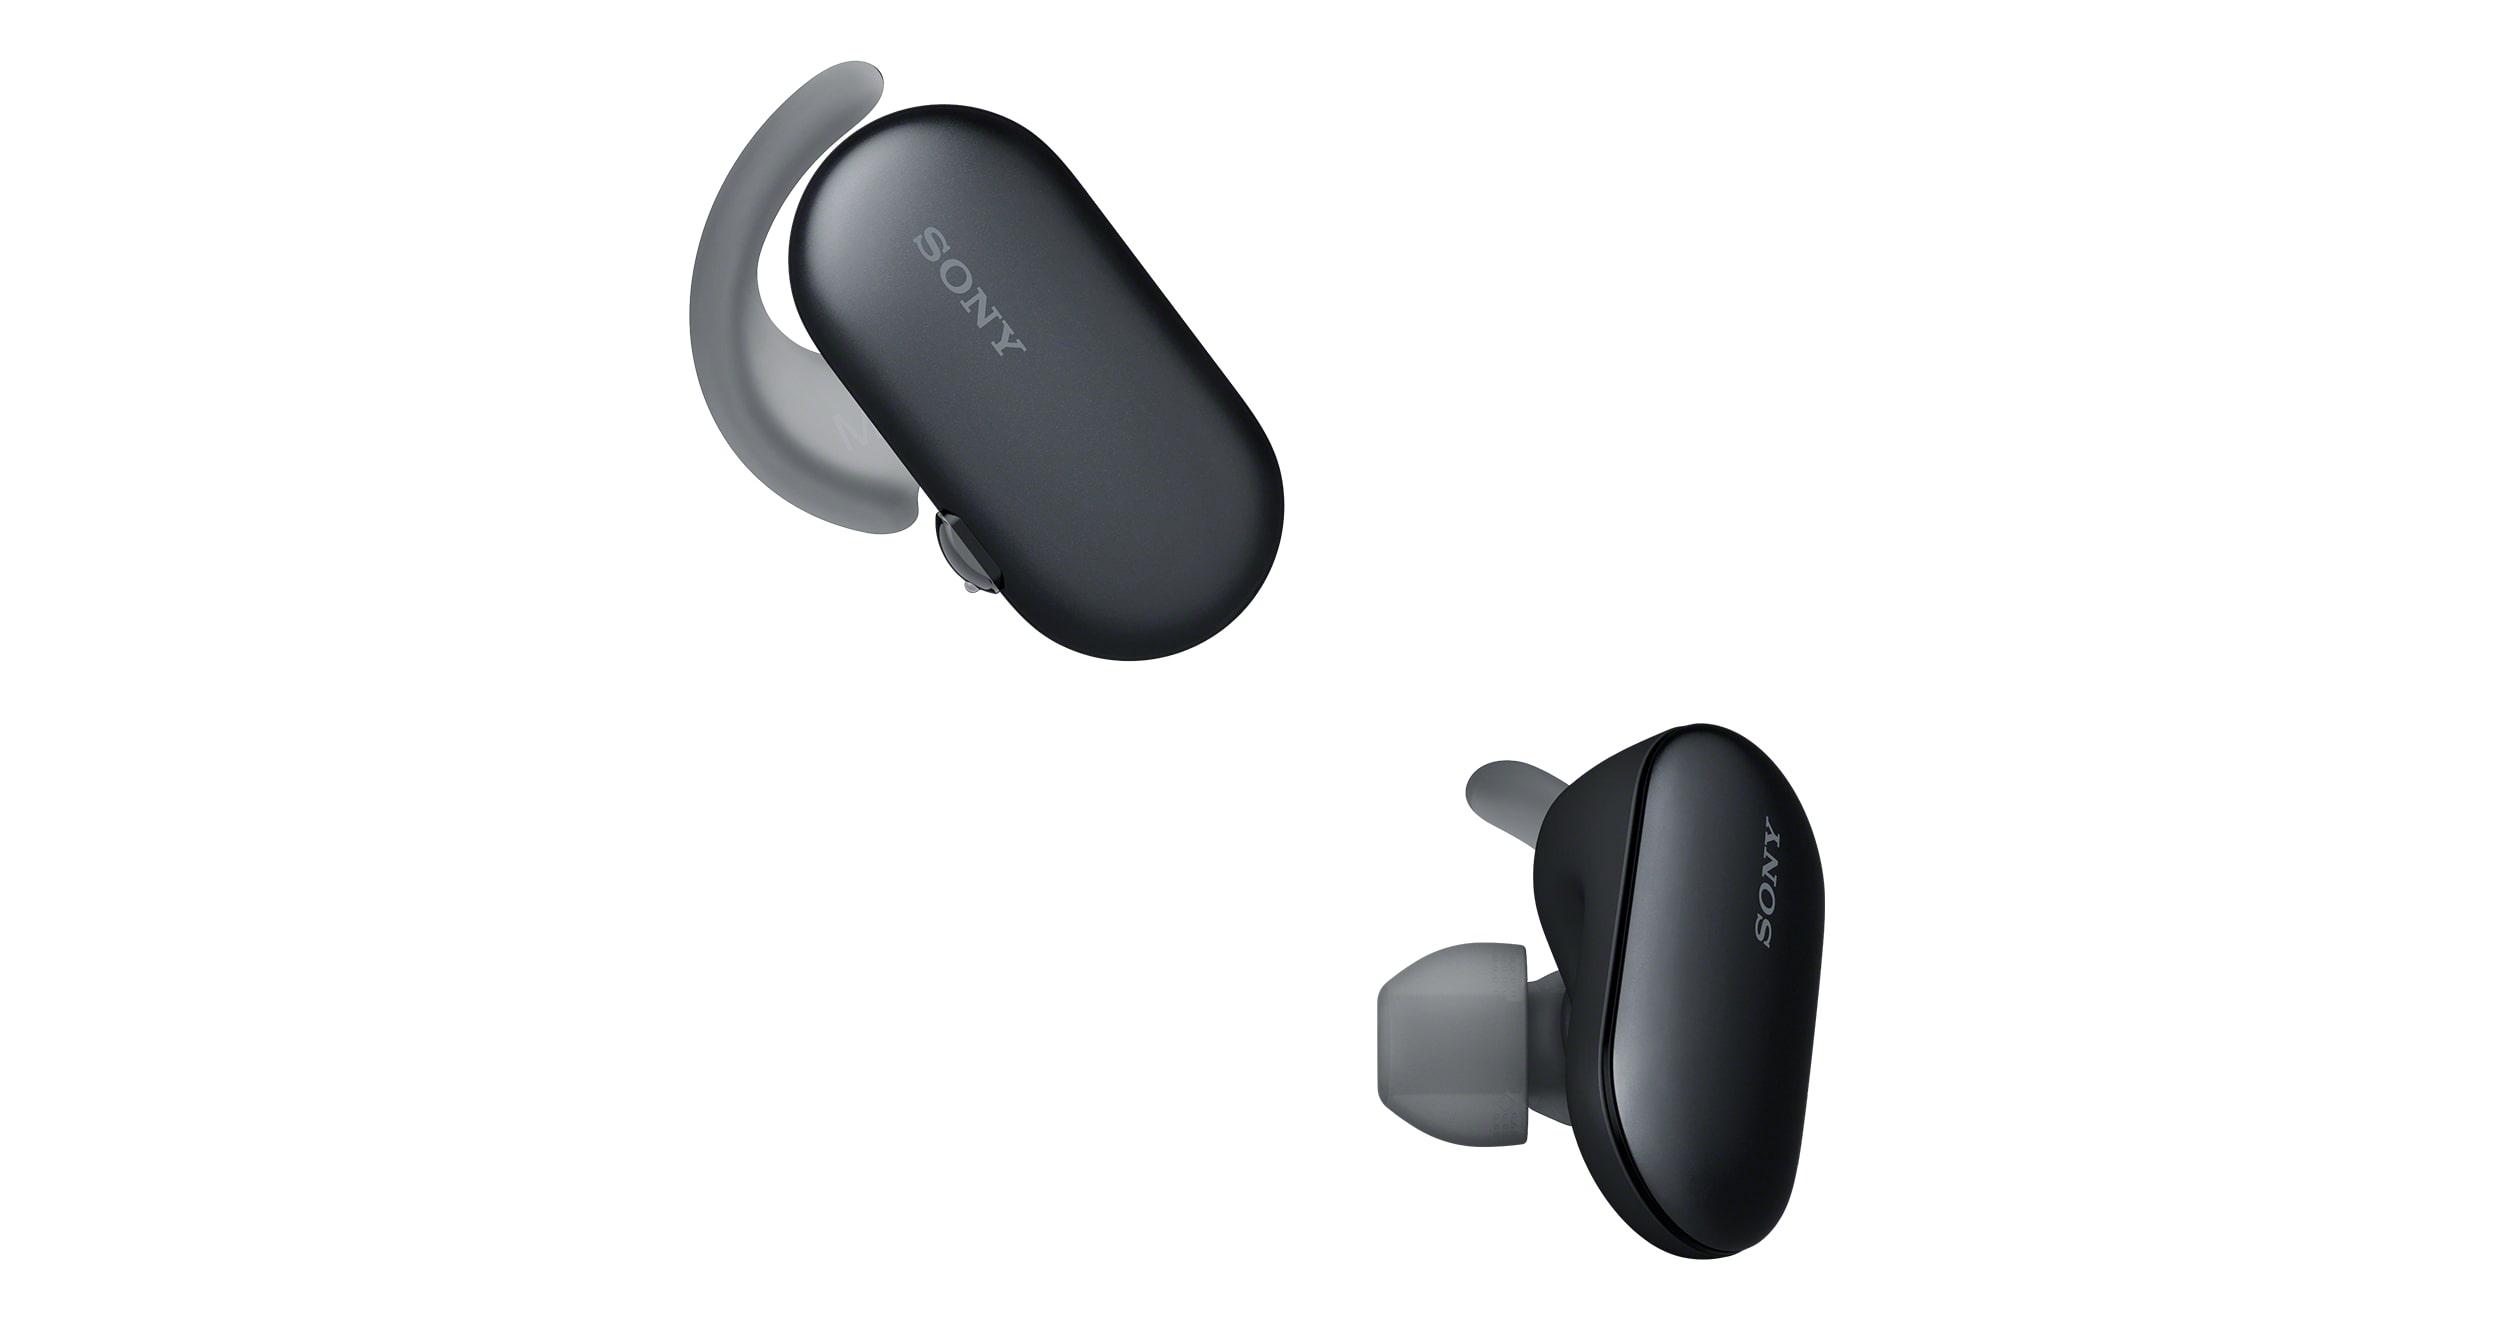 6514c108c8e WF-SP900 Sports Wireless Headphones | WF-SP900 | Sony UK